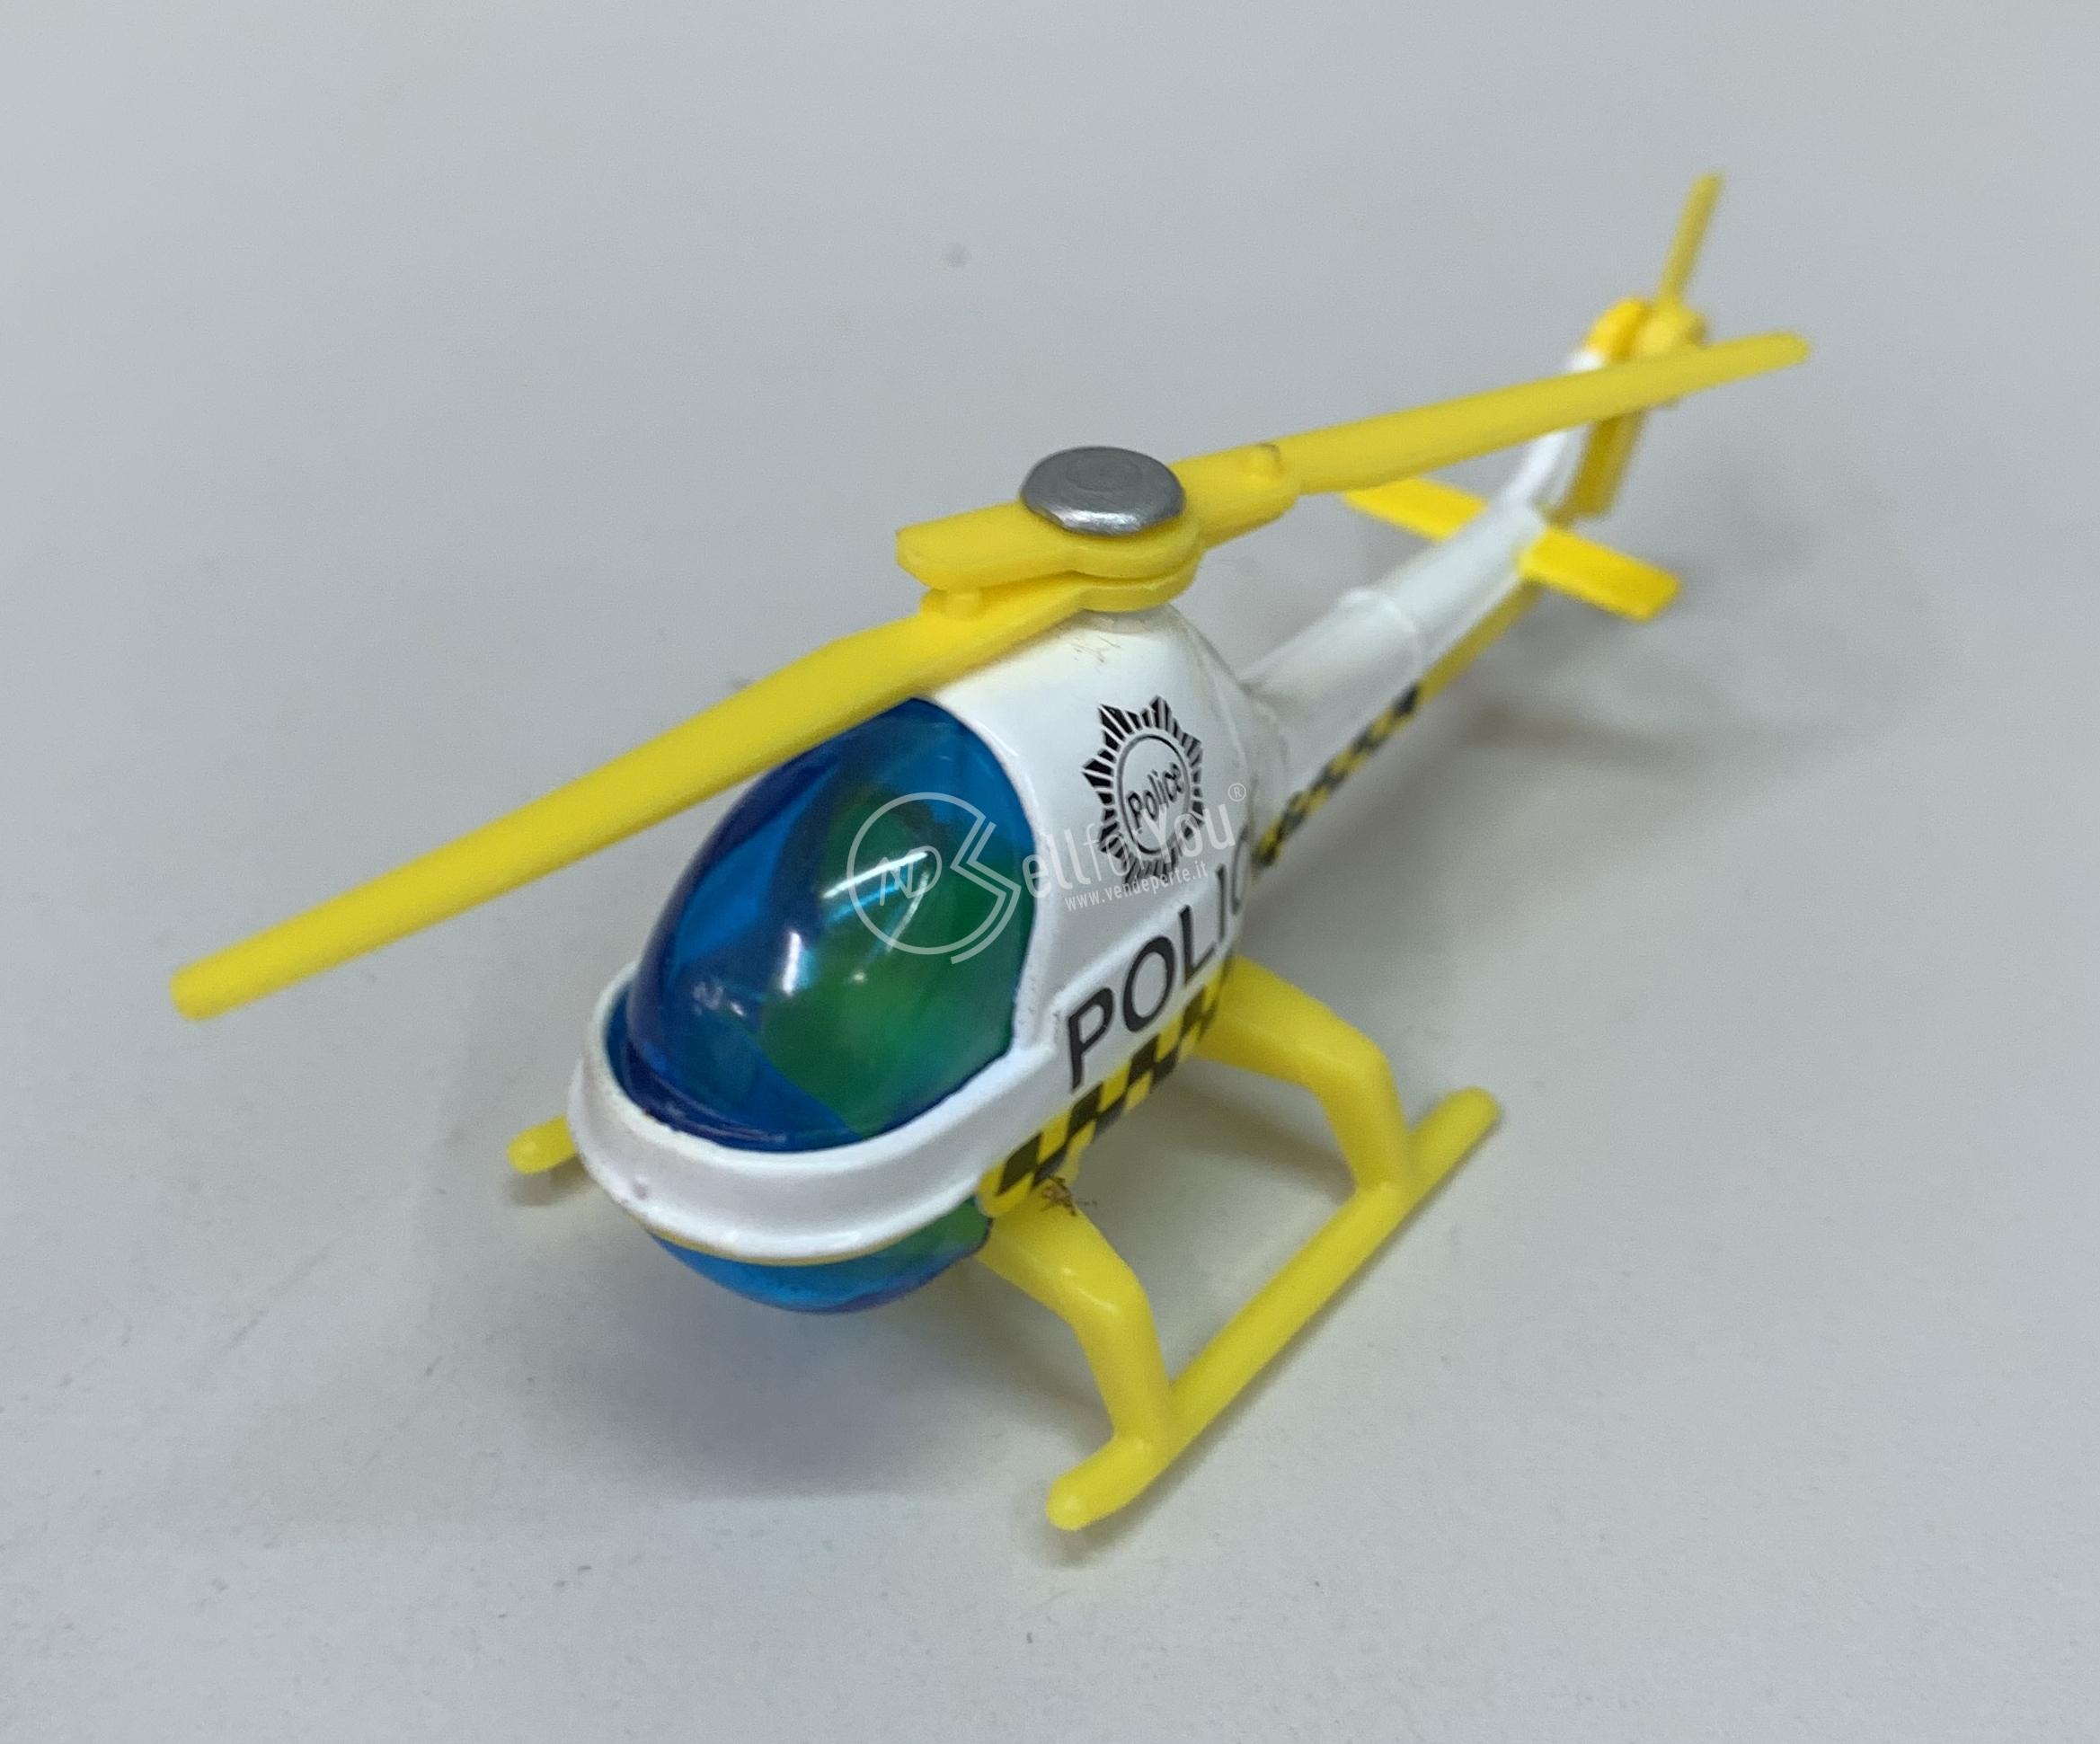 sellforyou immagine articolo Lotto da 200 pz. modellini elicottero Corgi